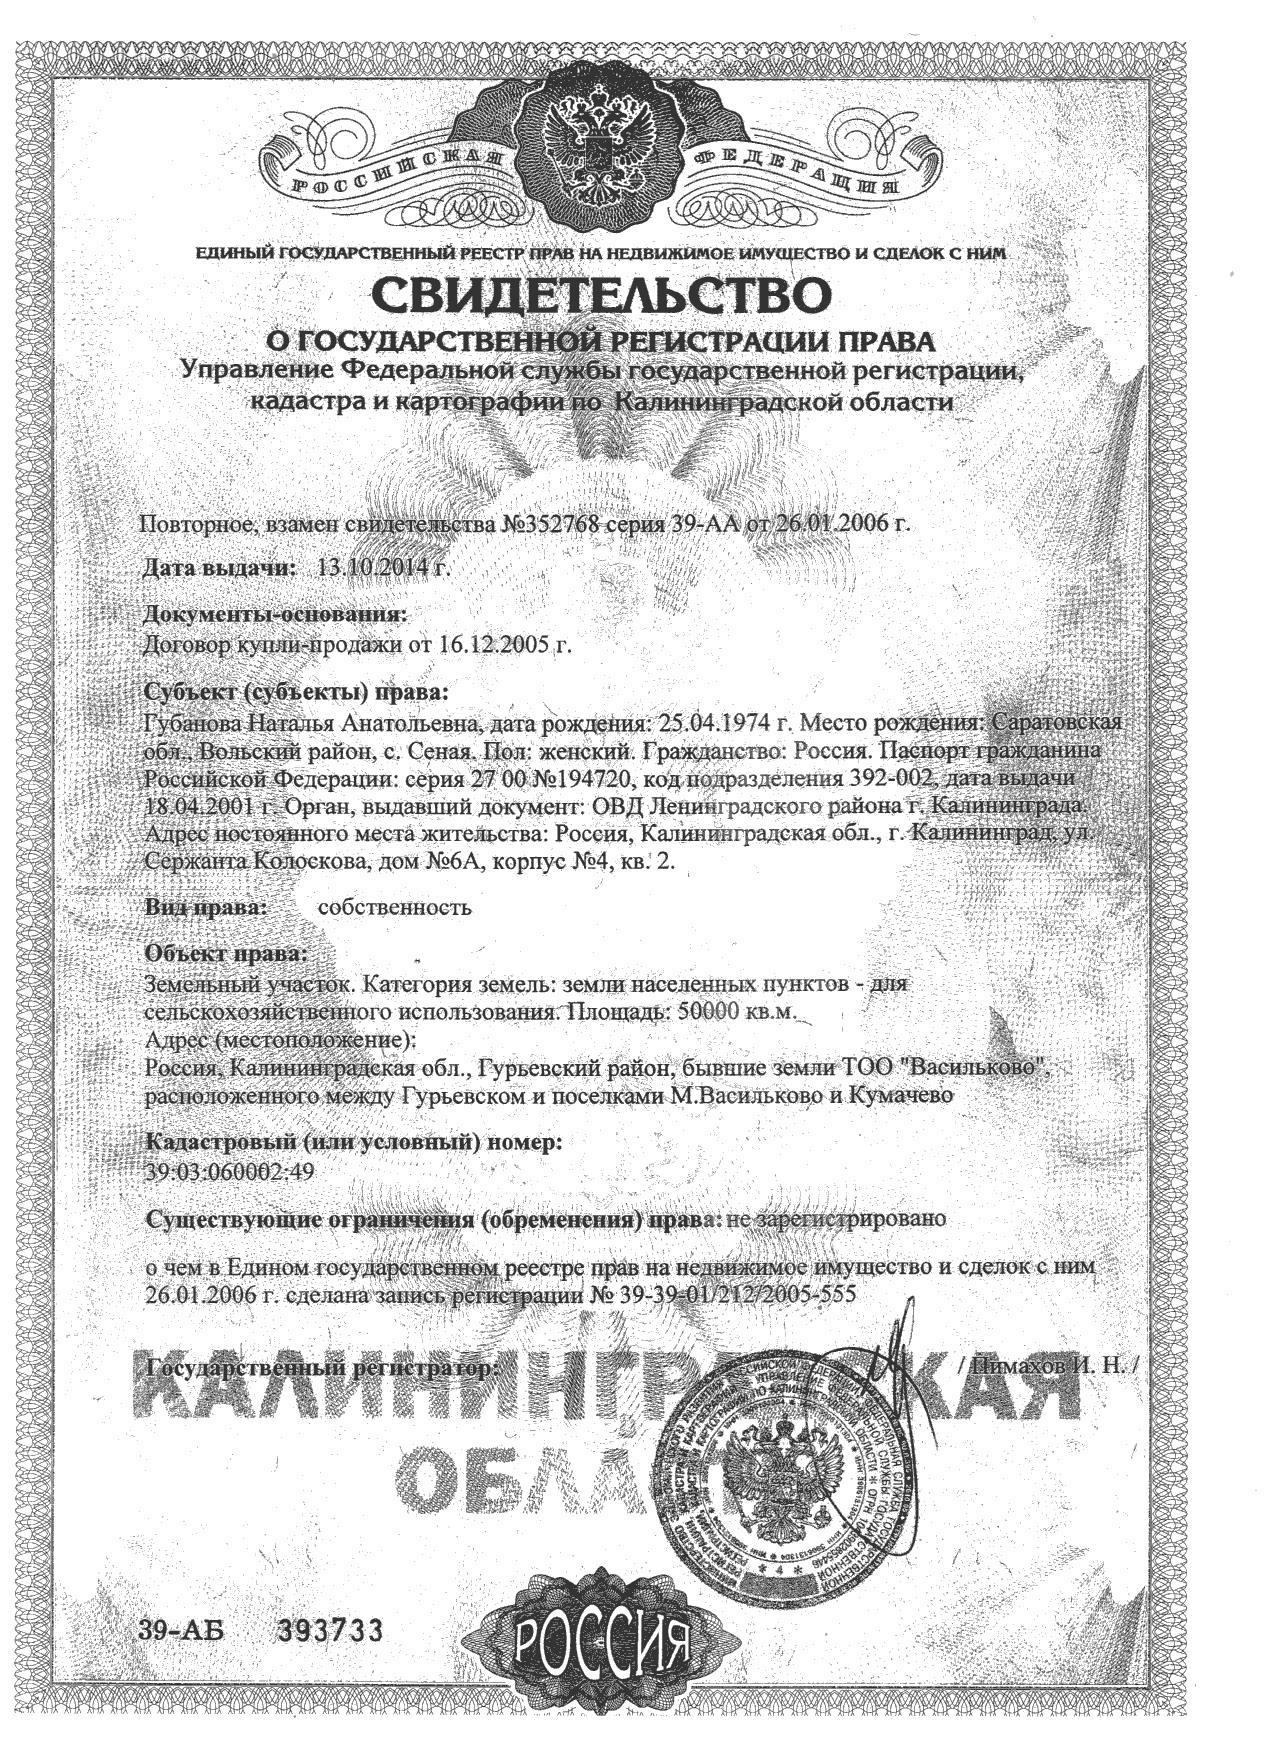 Единый государственный реестр прав на недвижимое имущество как сделать 194